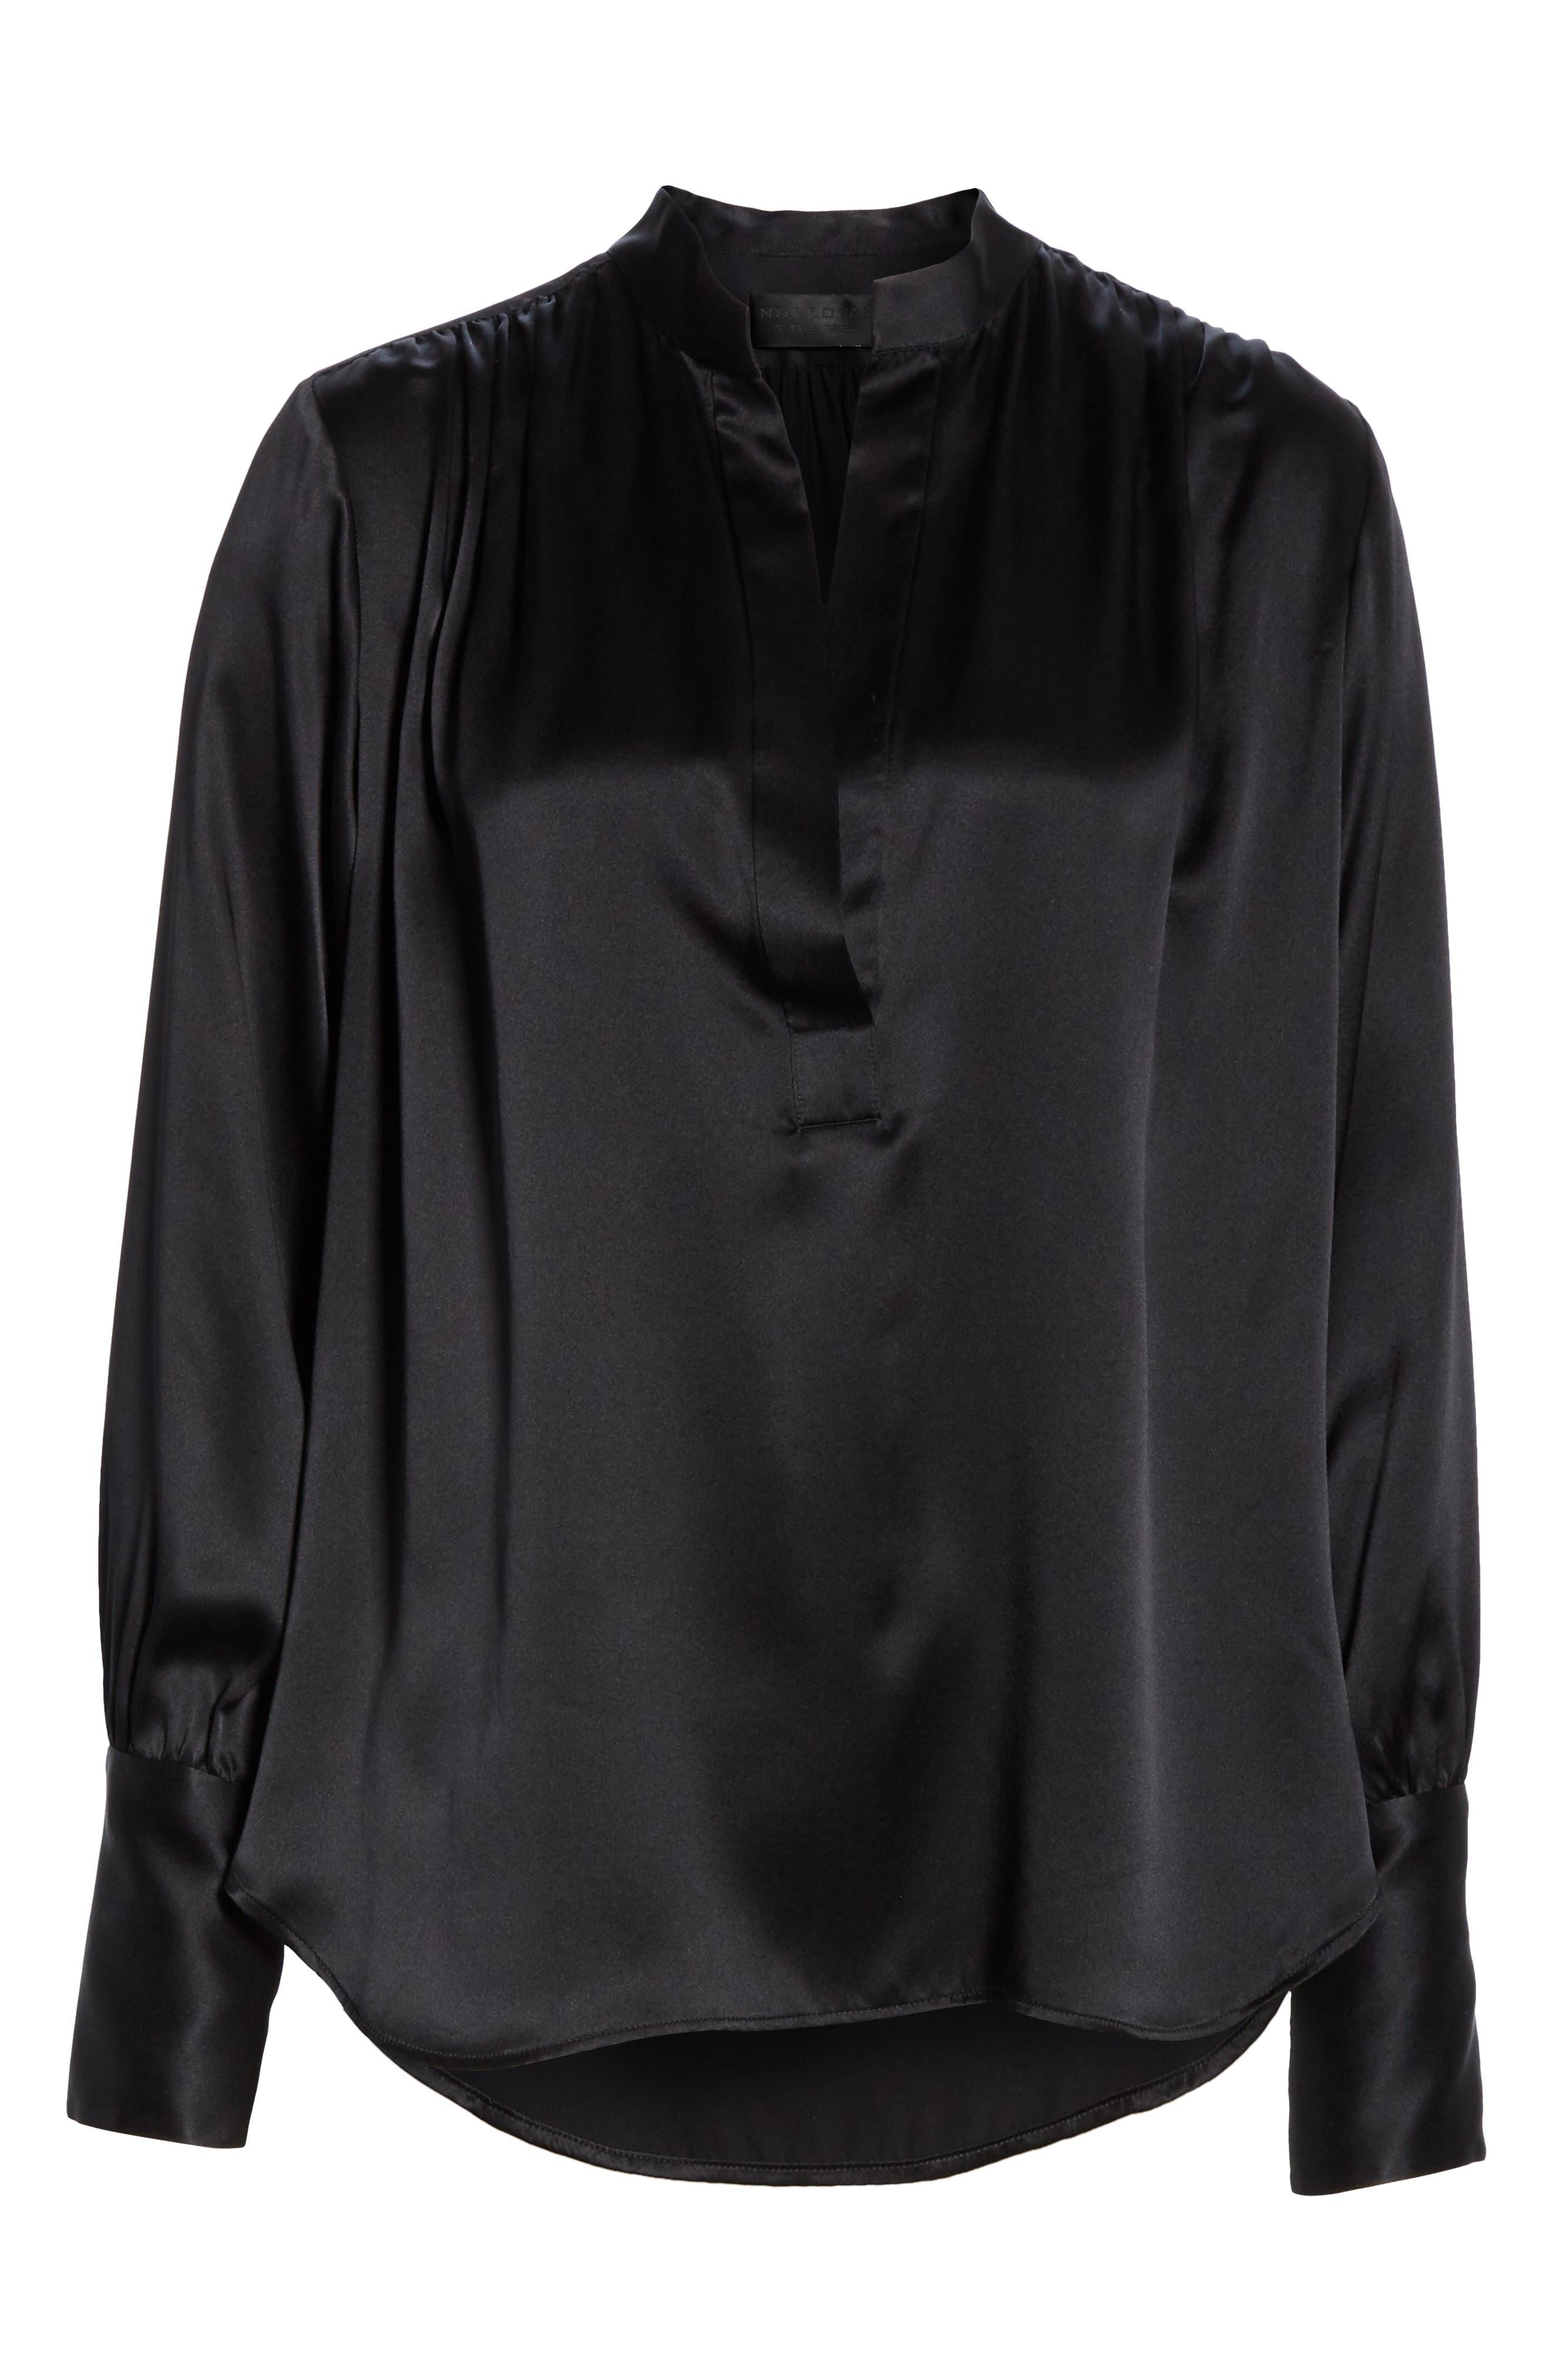 NILI LOTAN, Colette Silk Blouse, Alternate thumbnail 6, color, BLACK